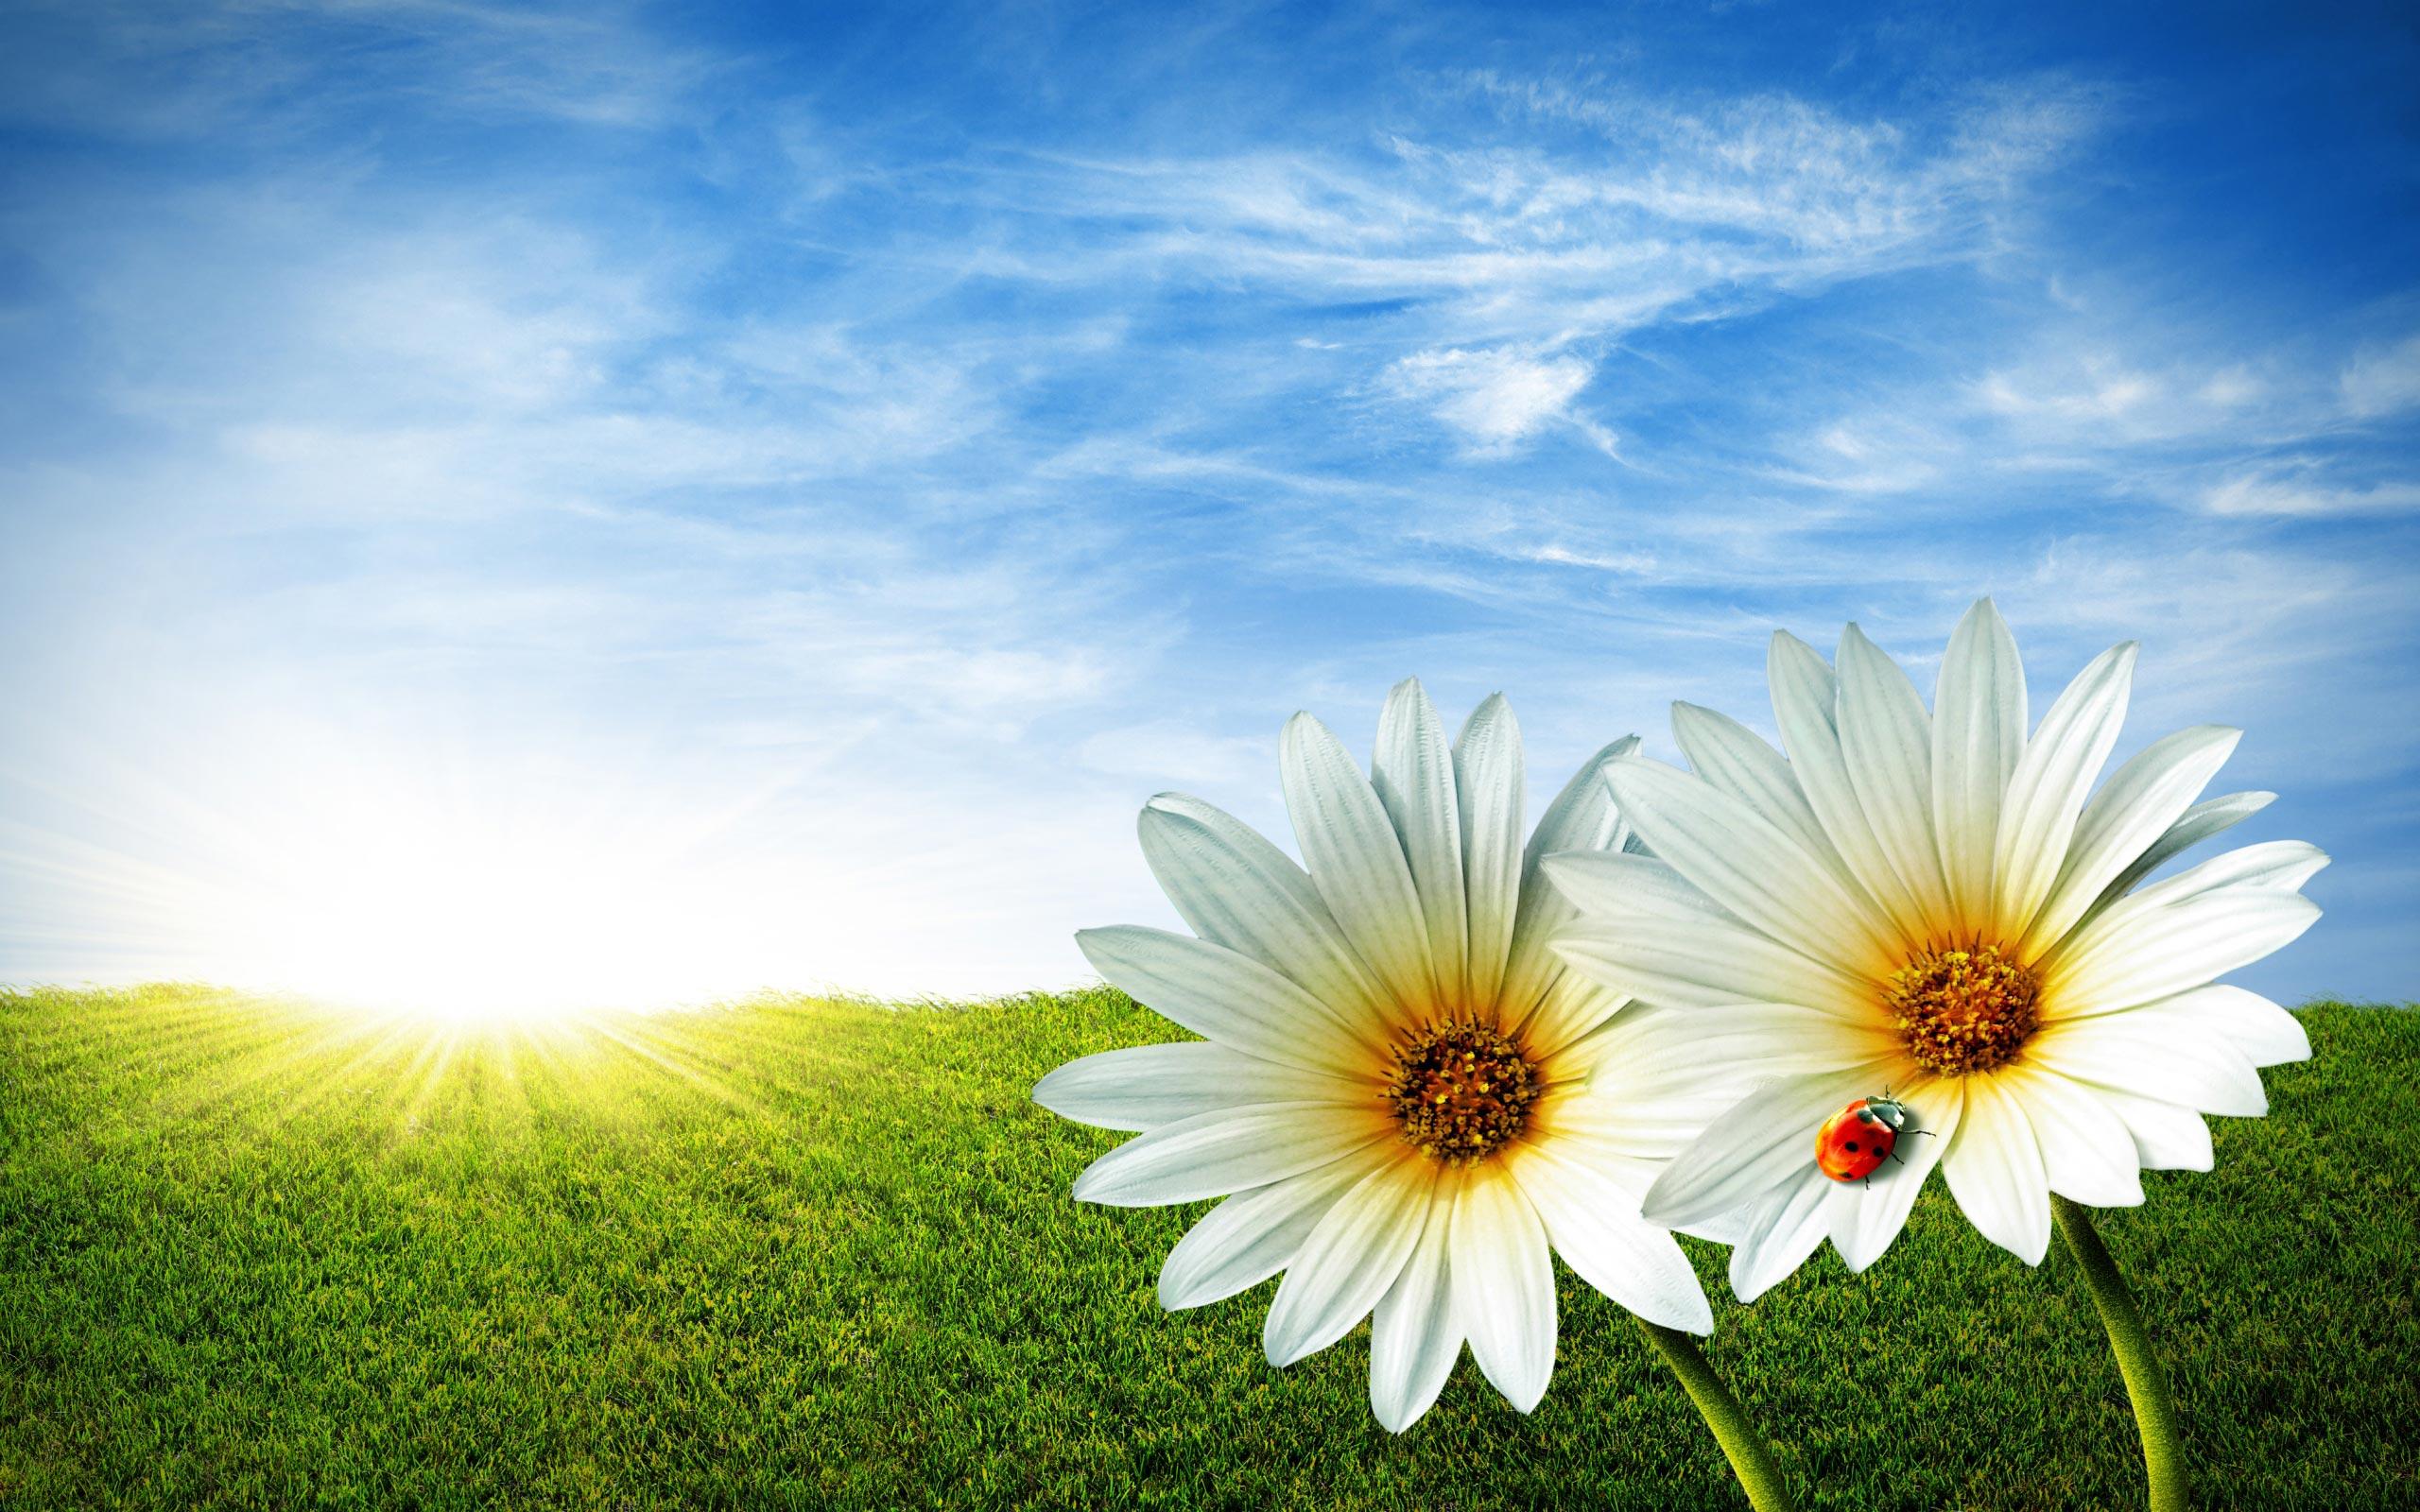 Sfondi primavera hd margherite sfondi hd gratis for Sfondi hd gratis